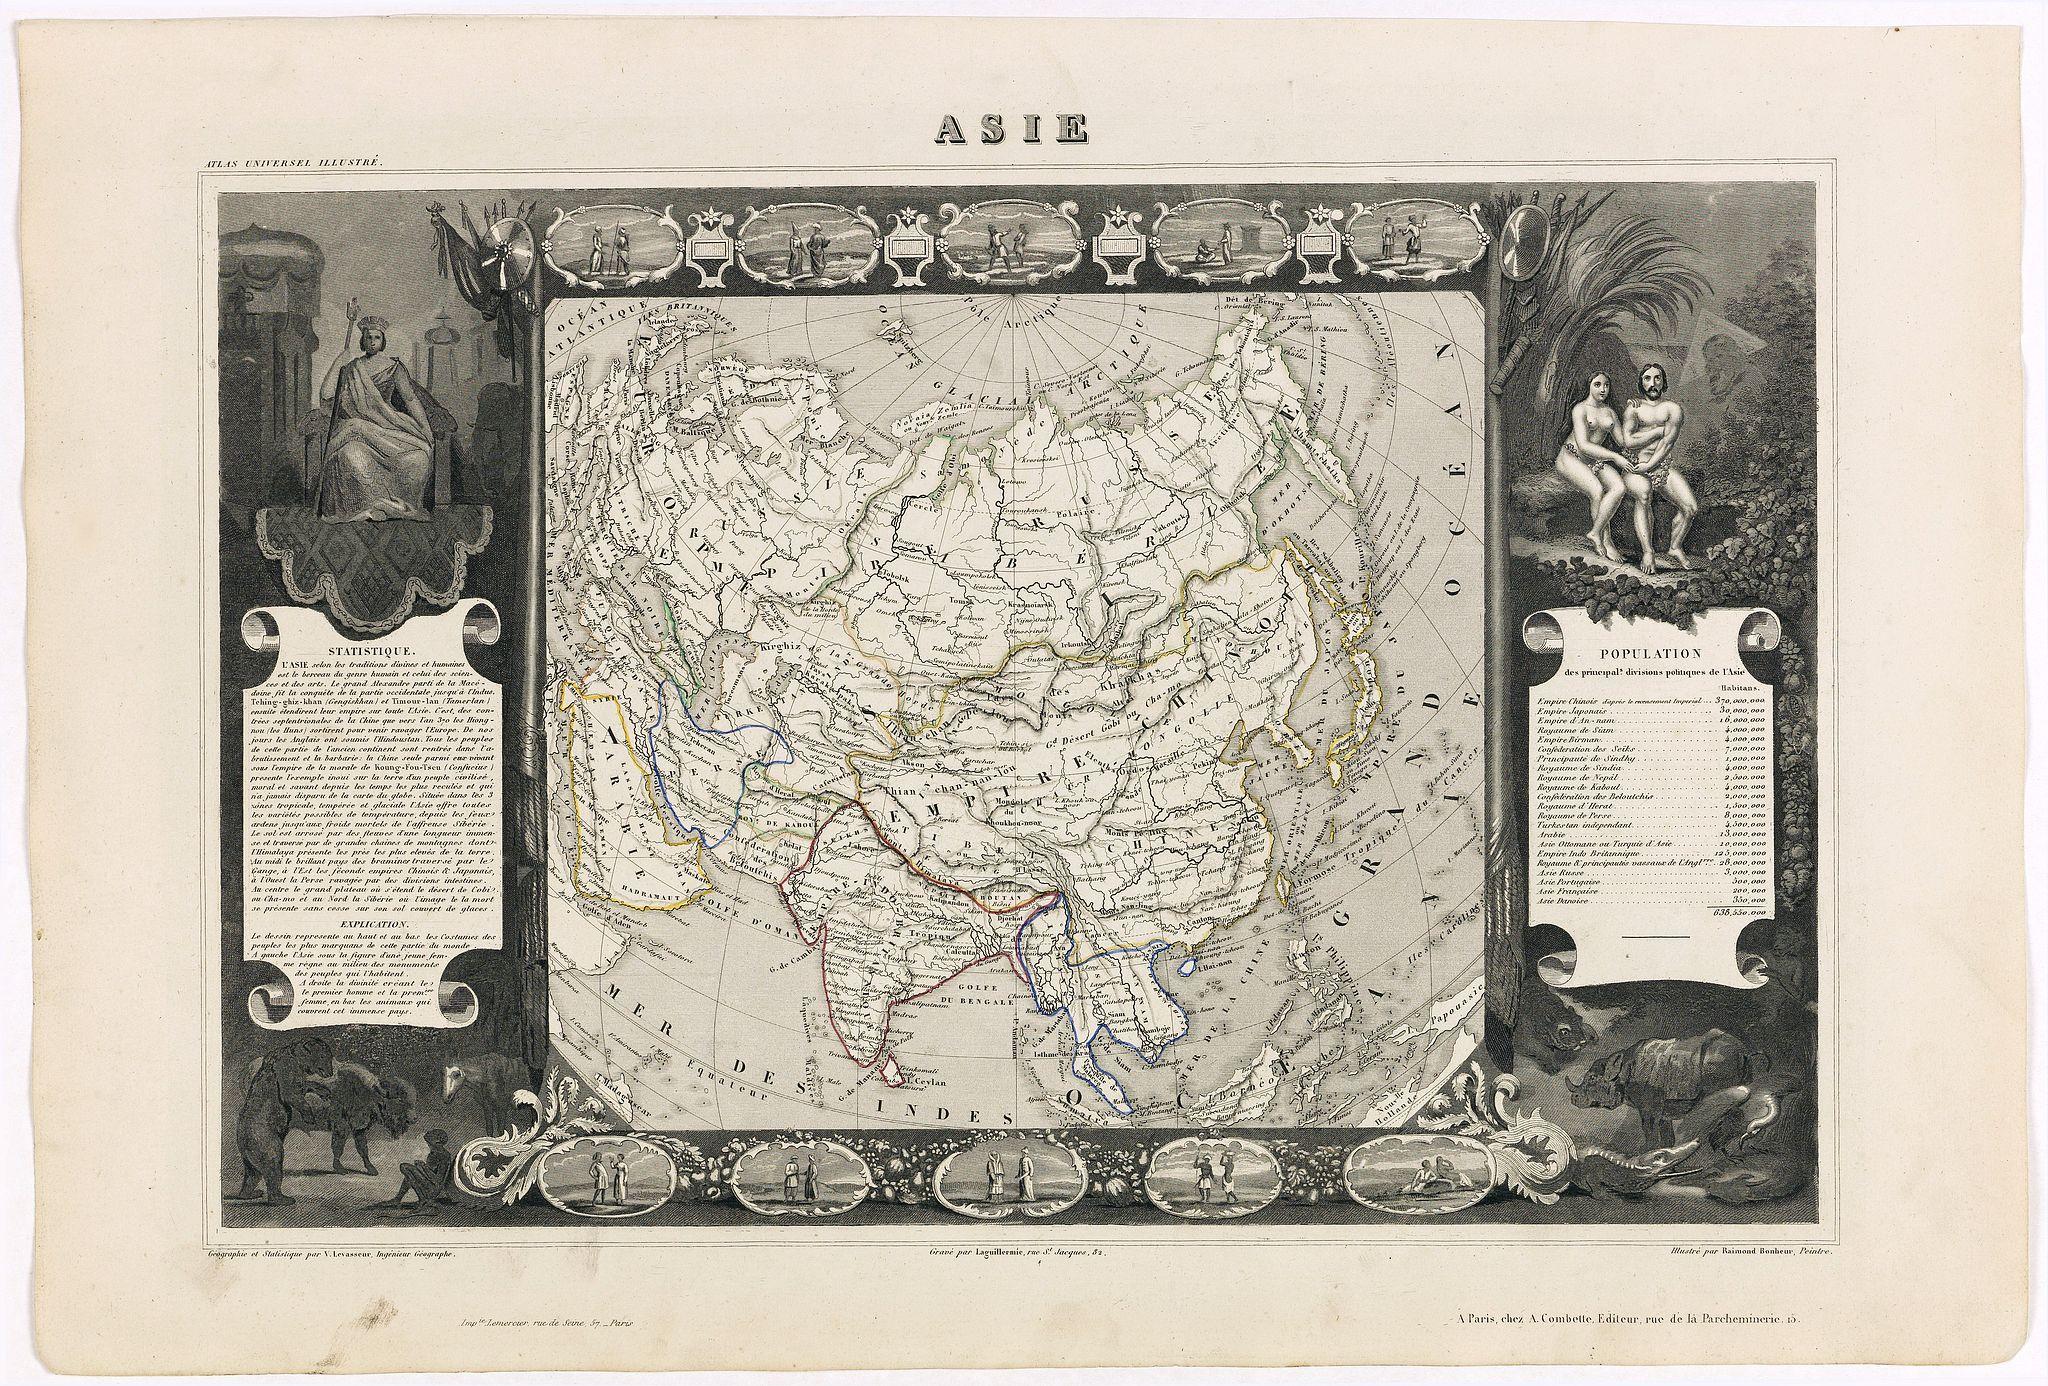 LEVASSEUR, V. - Carte de l'Asie.